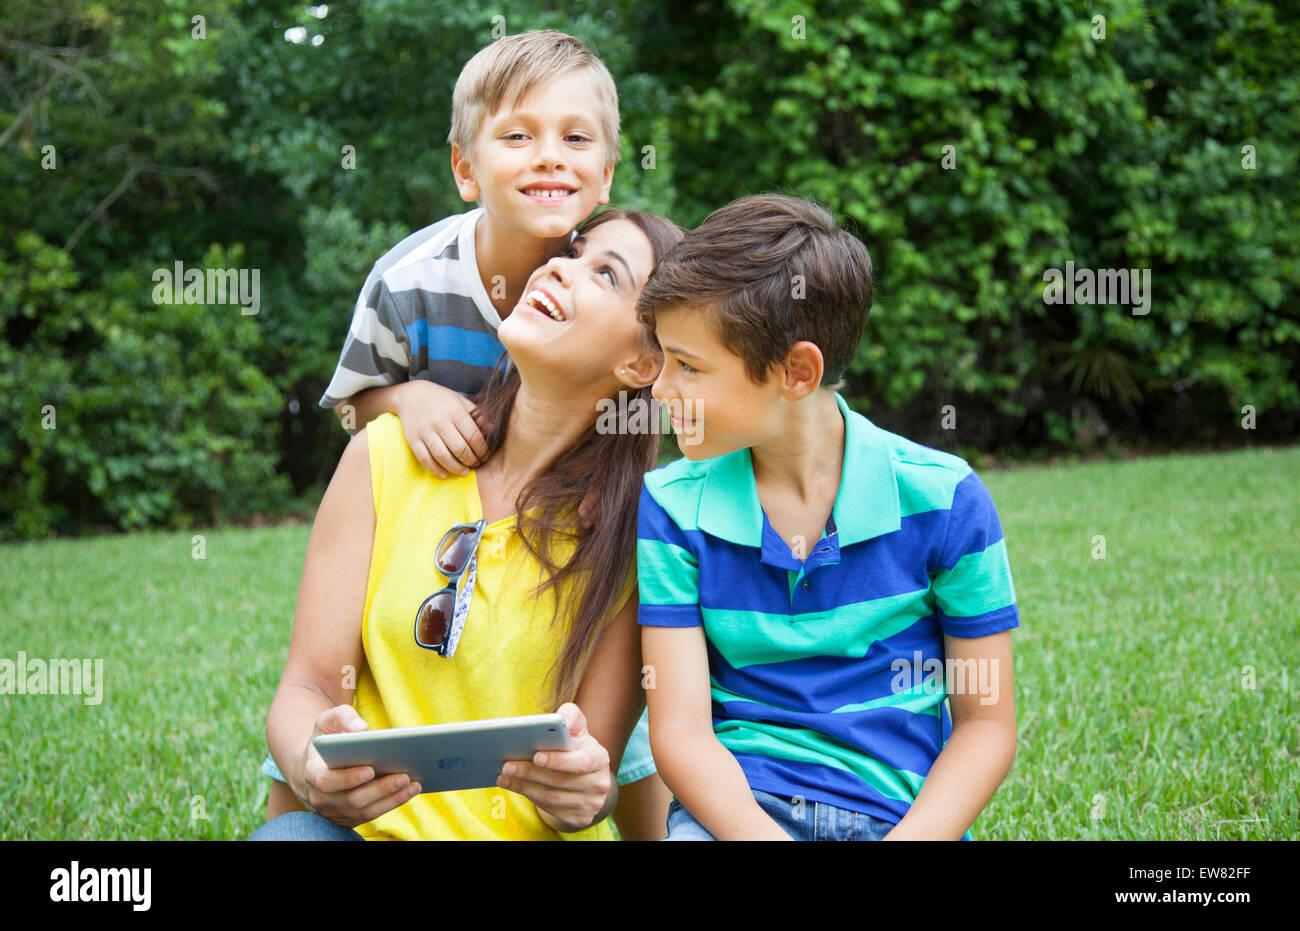 Single ragazzi incontri Single Moms